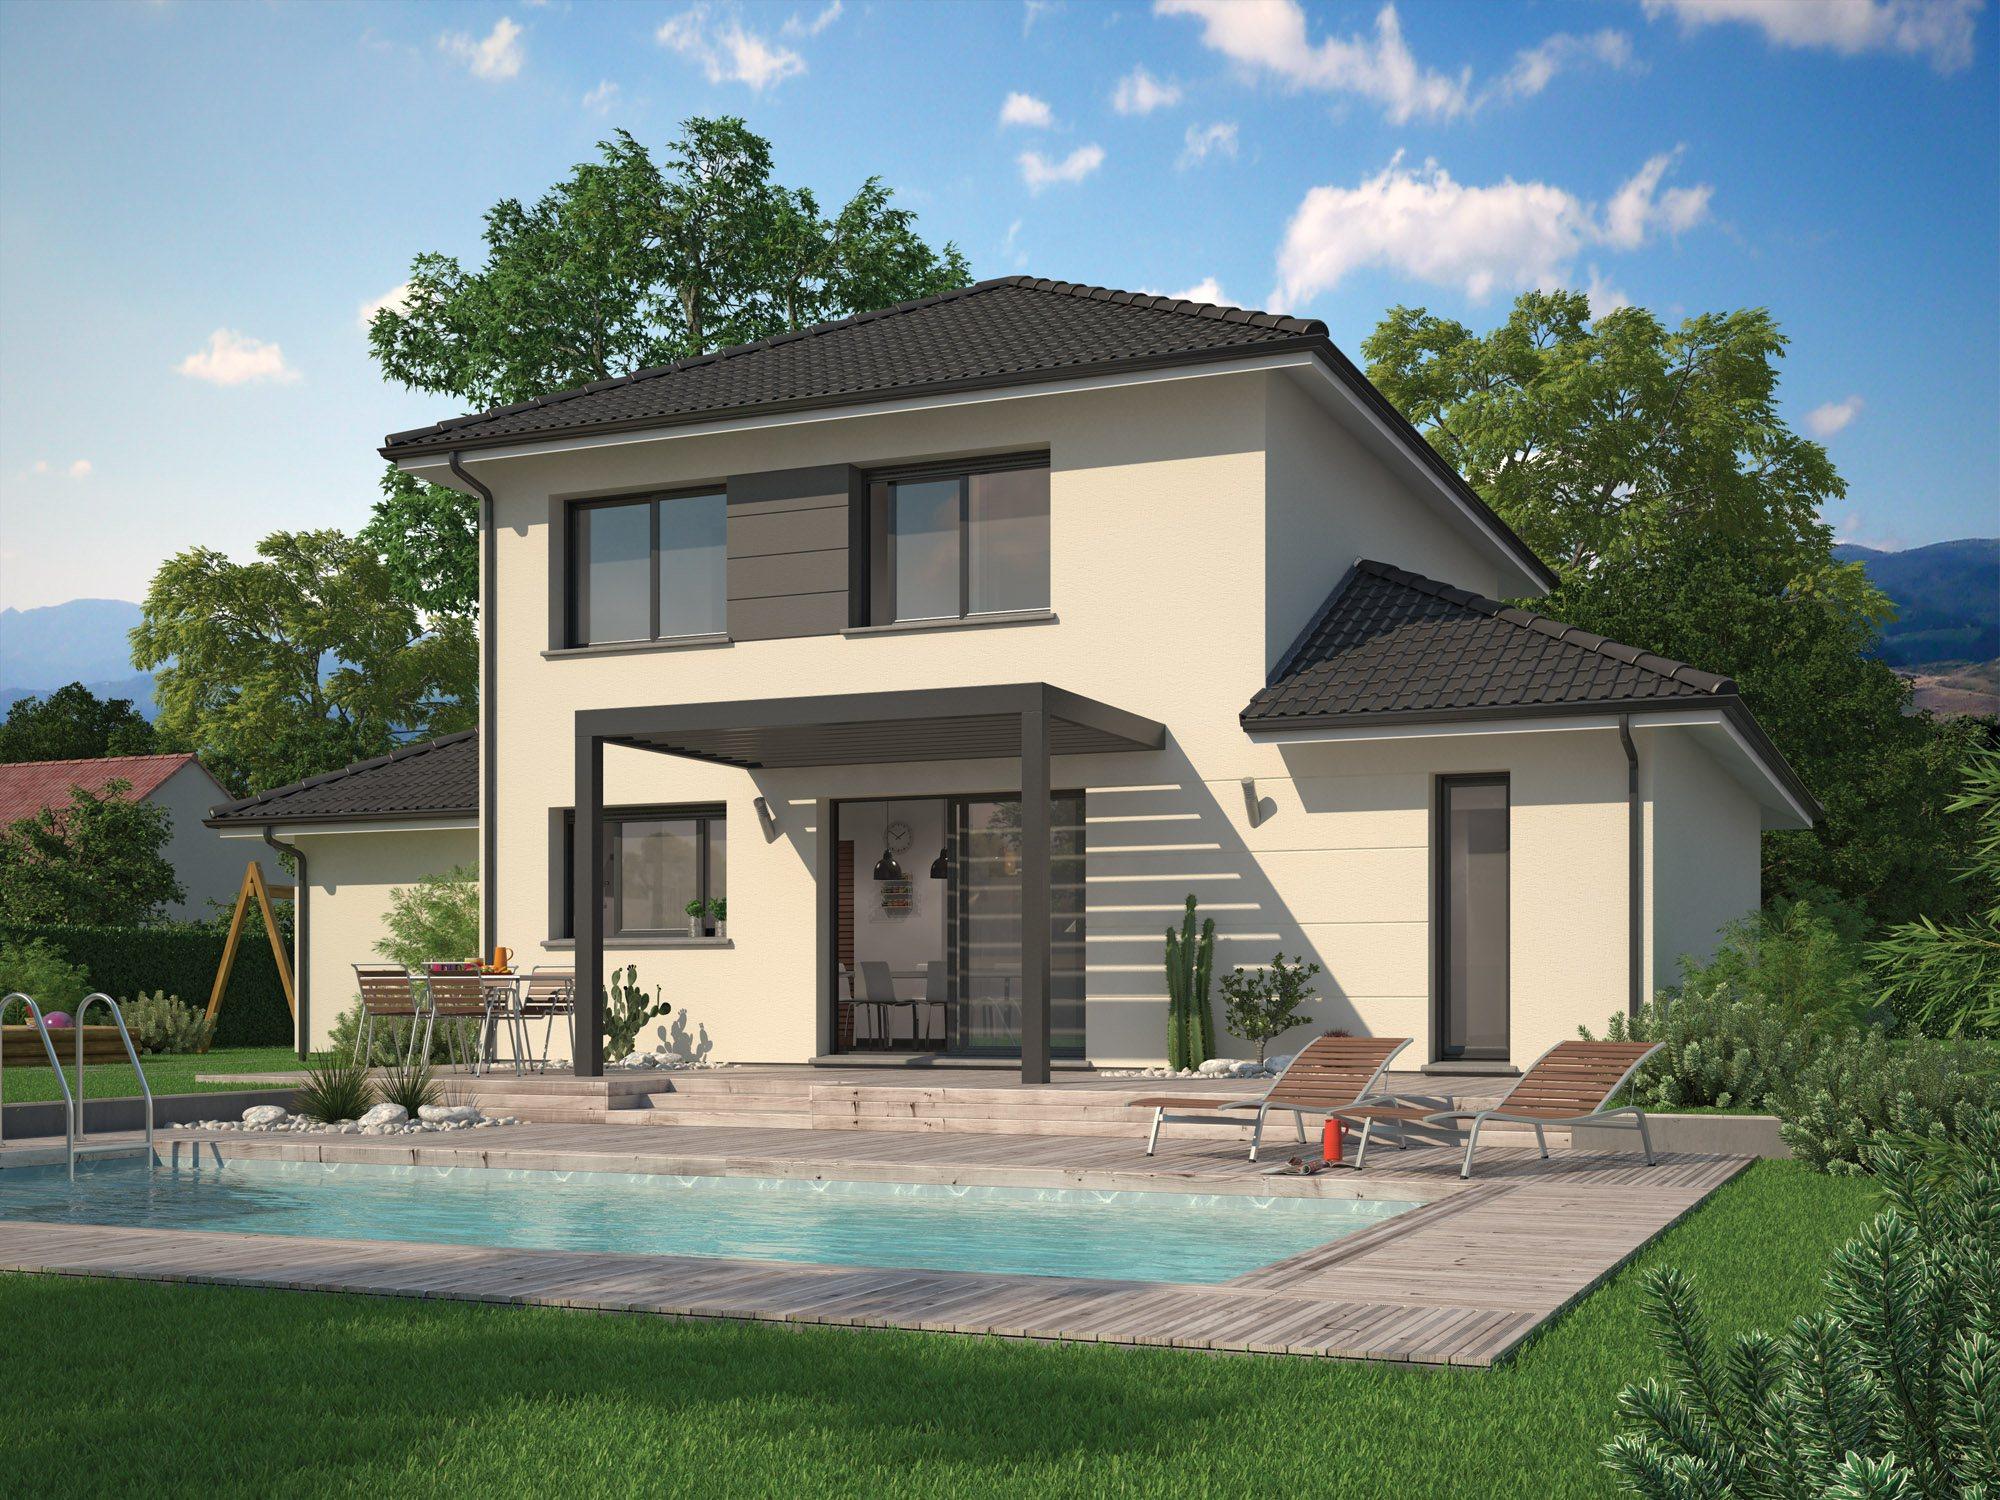 Maisons + Terrains du constructeur MAISON FAMILIALE • 113 m² • PONT DE CHERUY